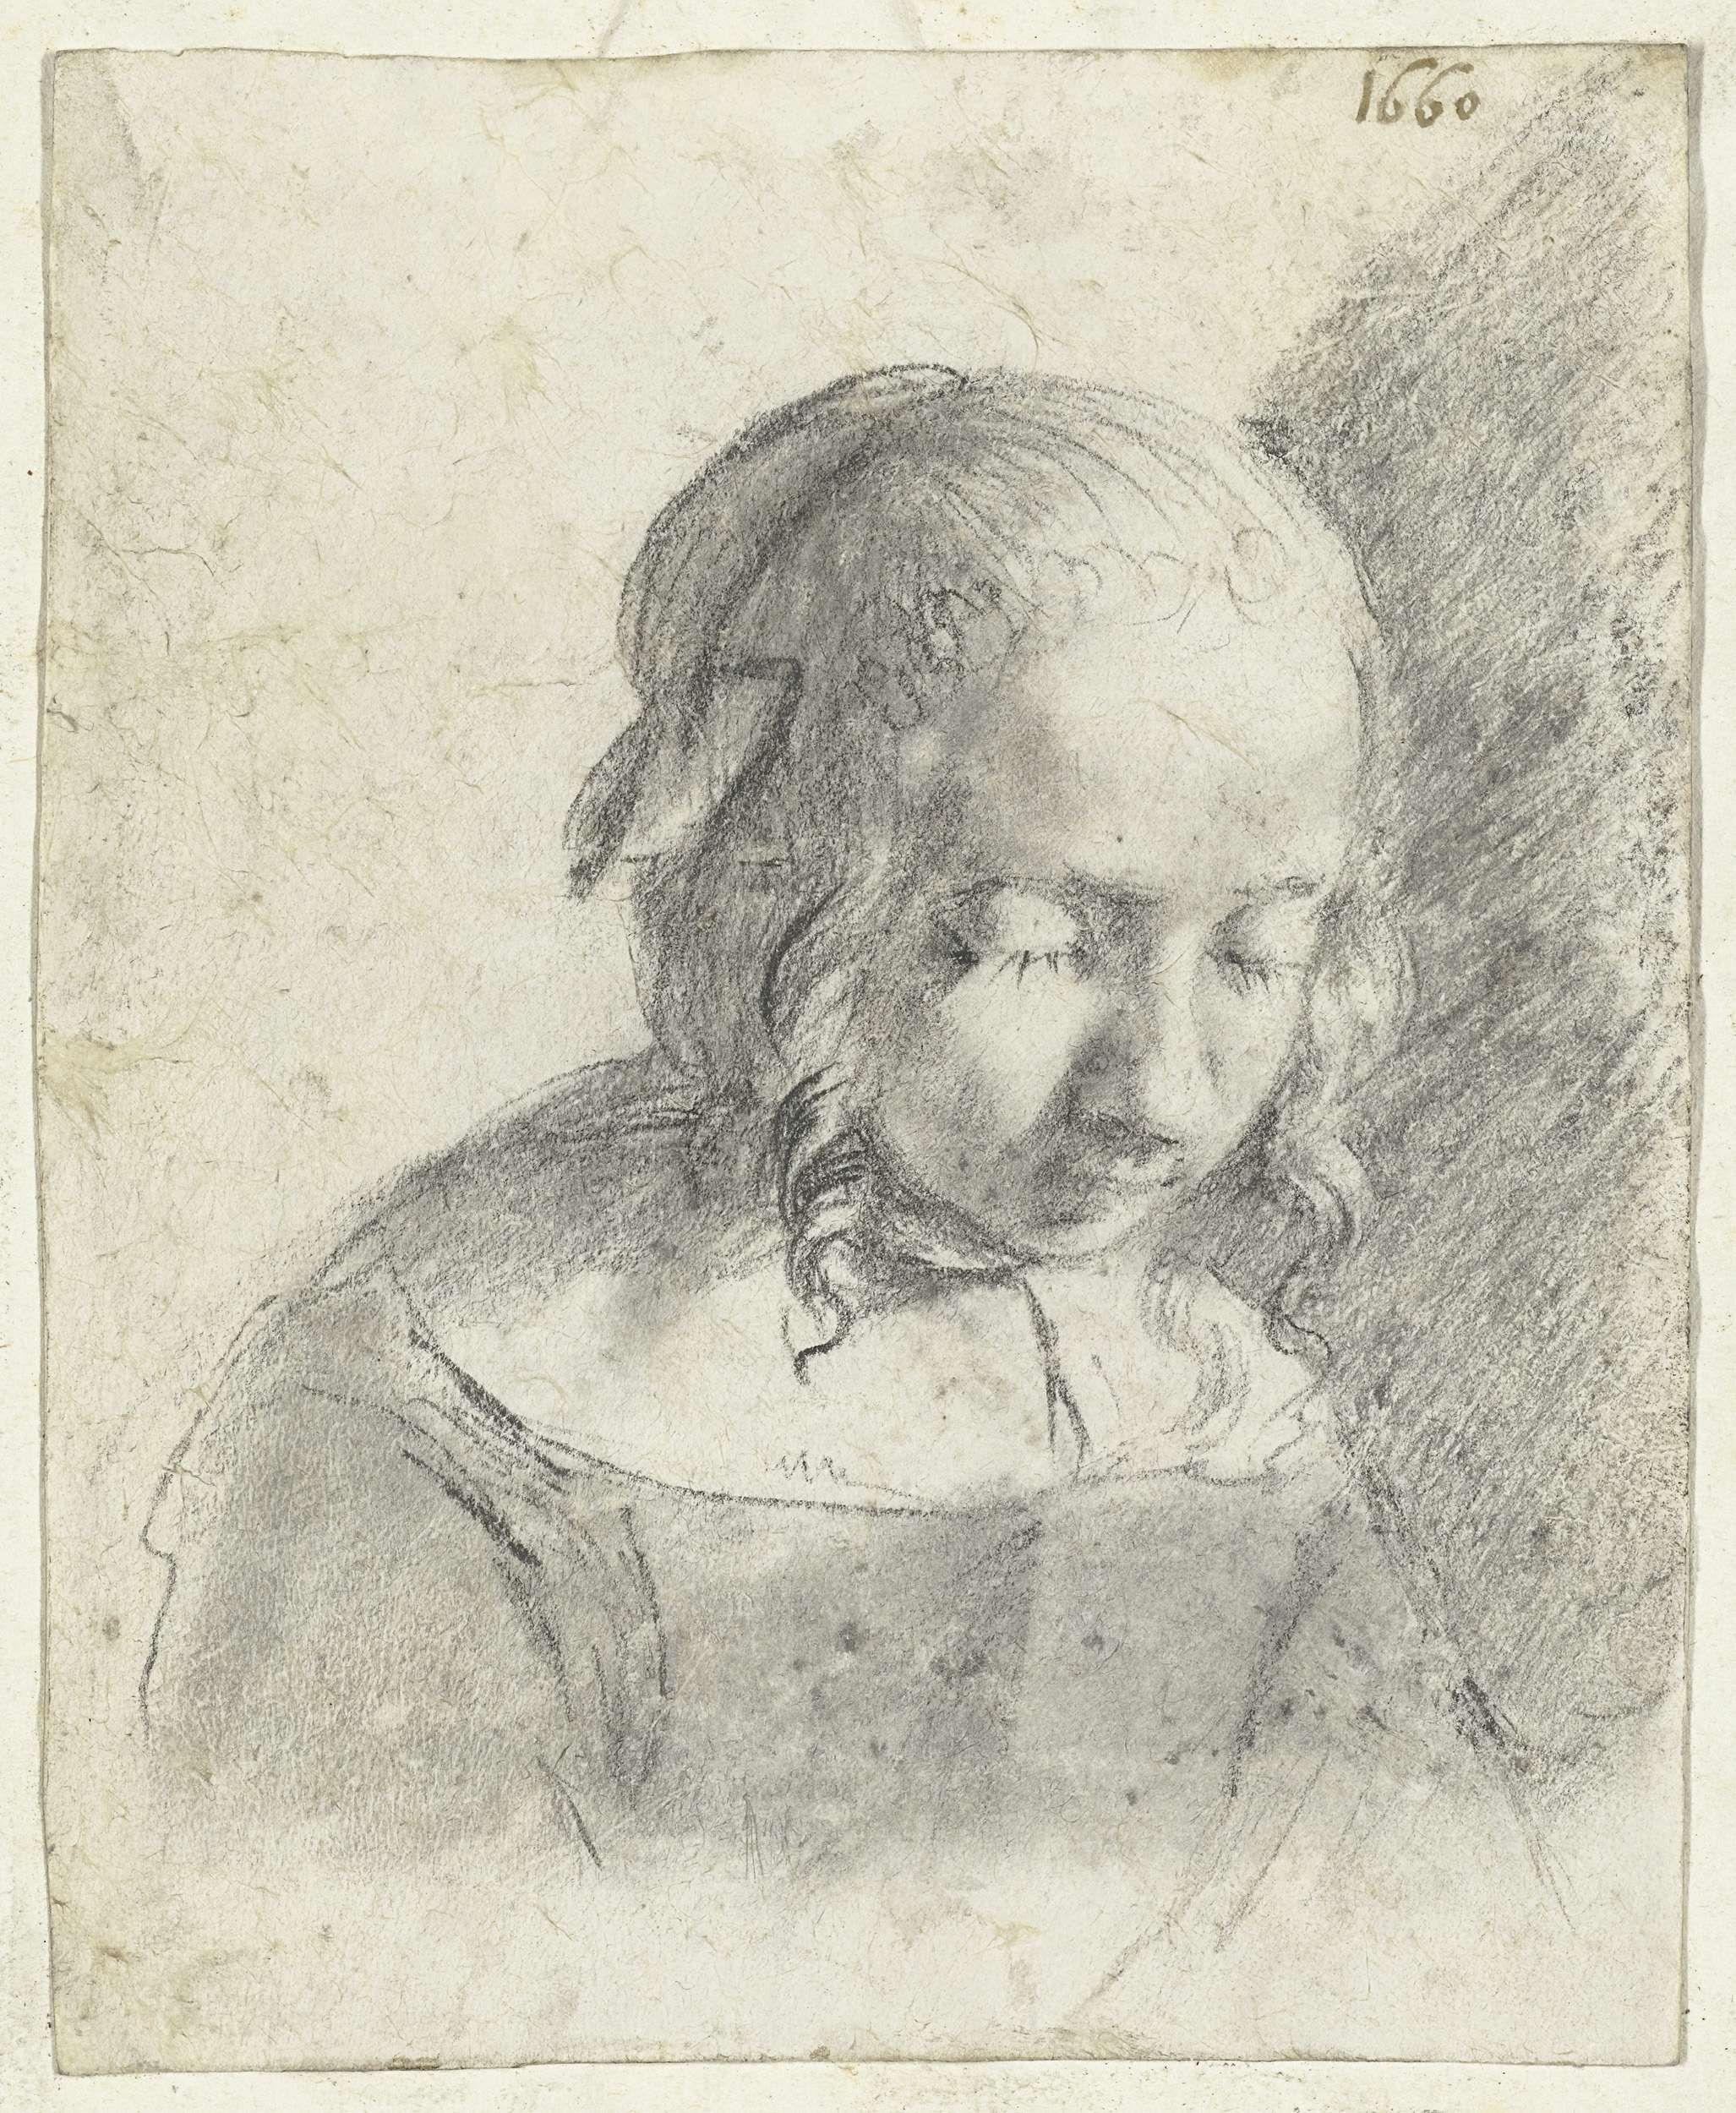 Moses ter Borch, Hoofd van een meisje (1660, Rijksmuseum, Amsterdam)